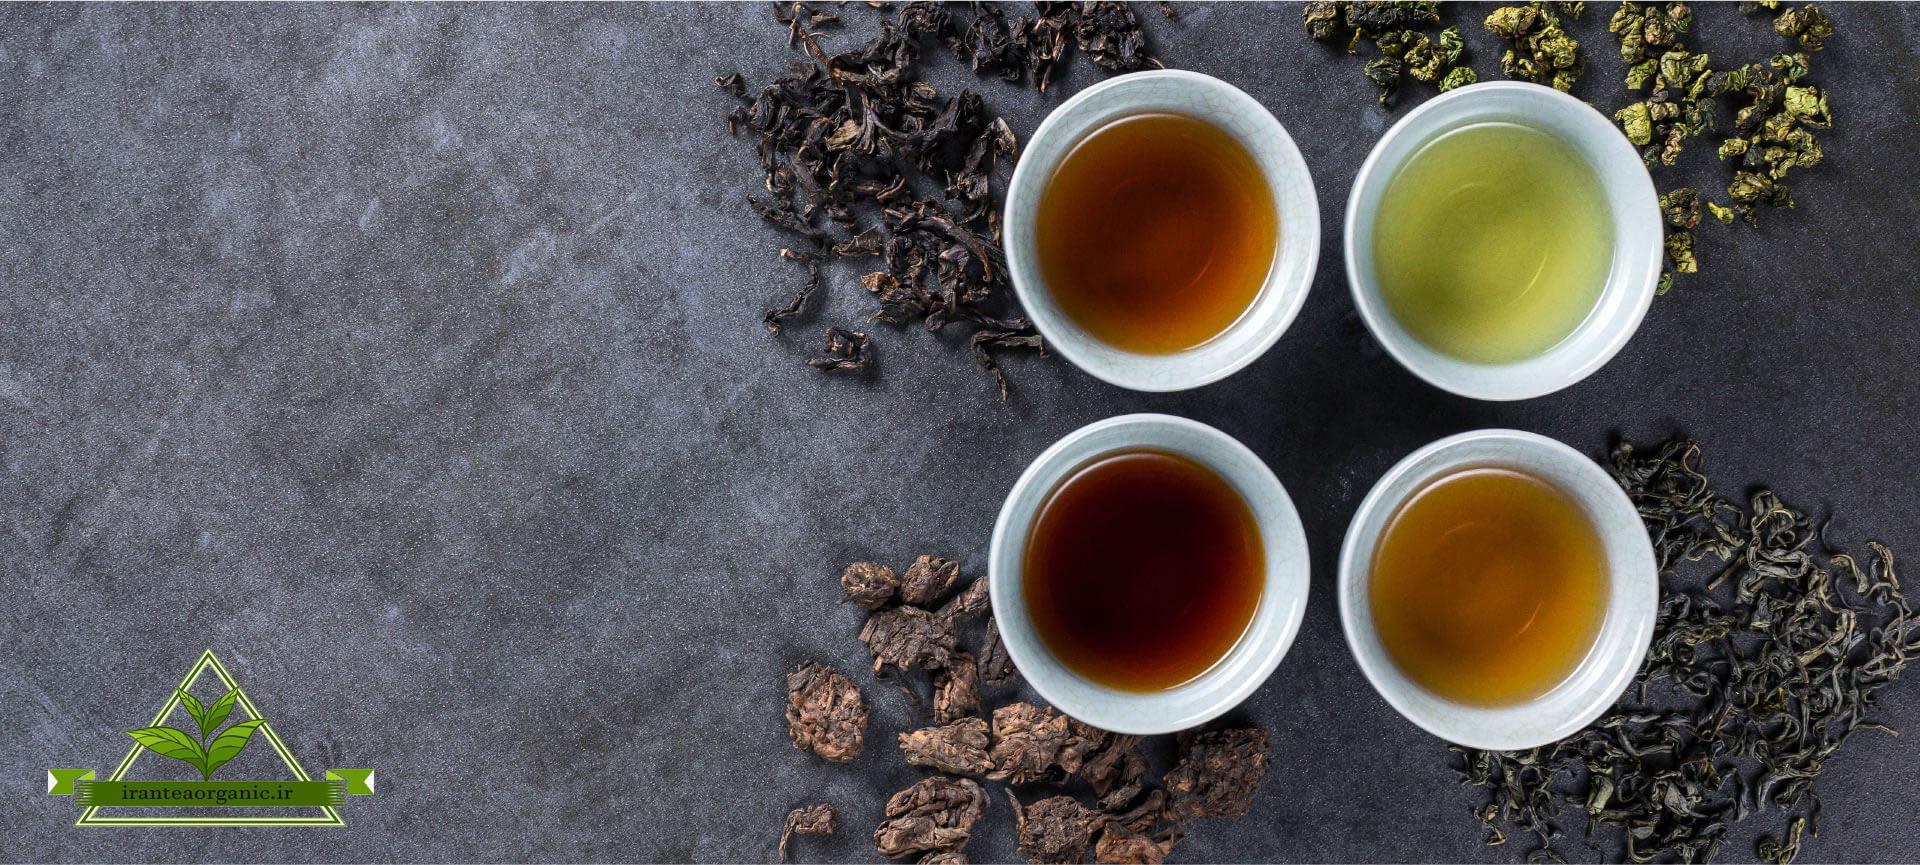 بازار چای ایران مرکز فروش انواع چای